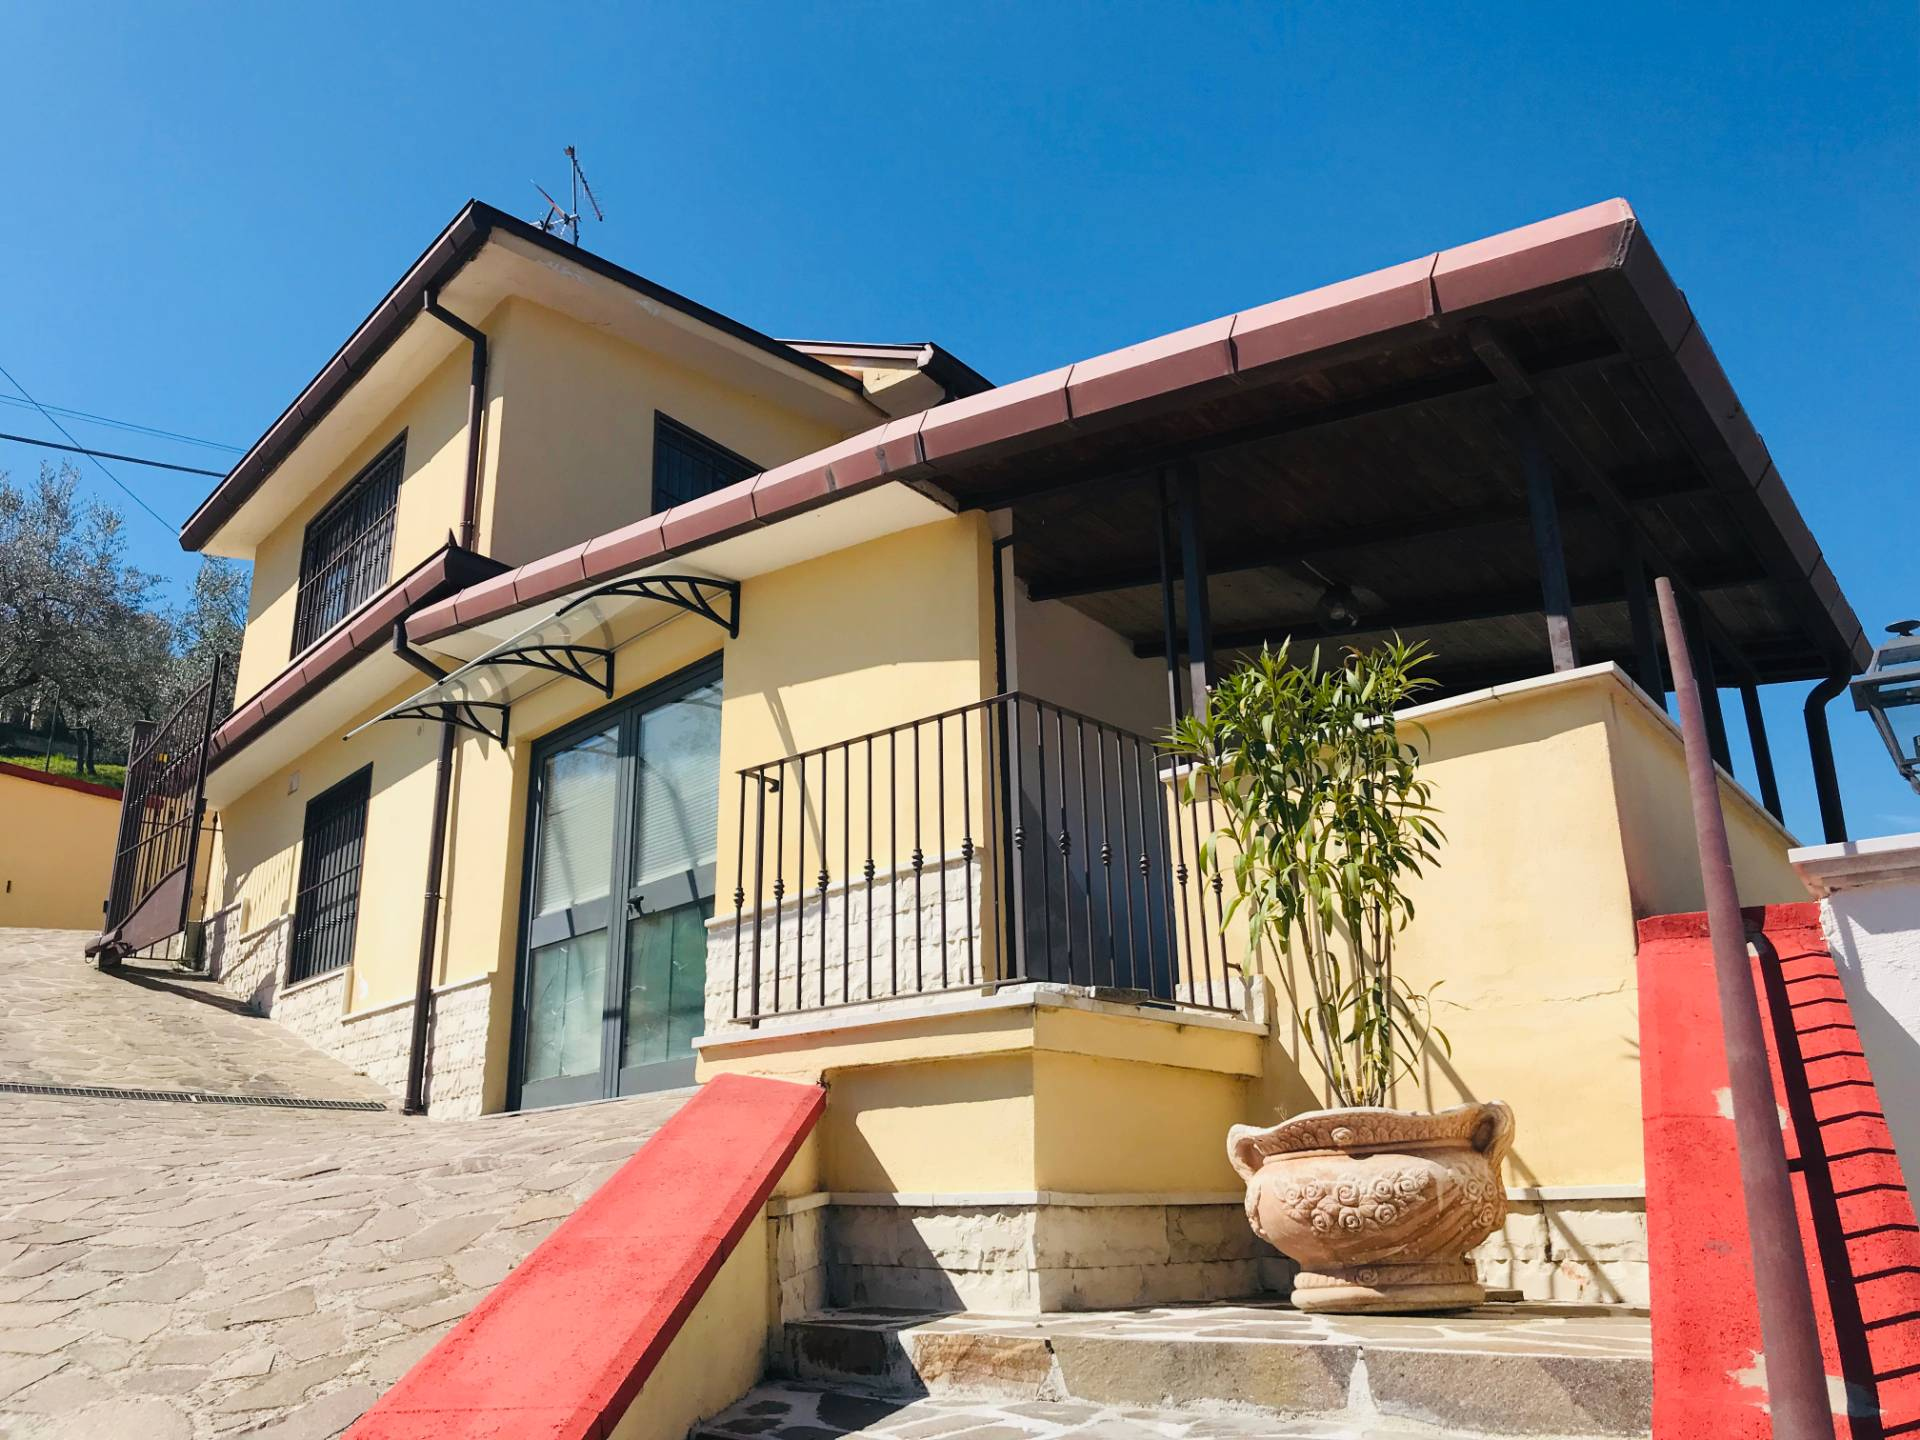 Rustico / Casale in affitto a Arpino, 6 locali, prezzo € 50 | CambioCasa.it